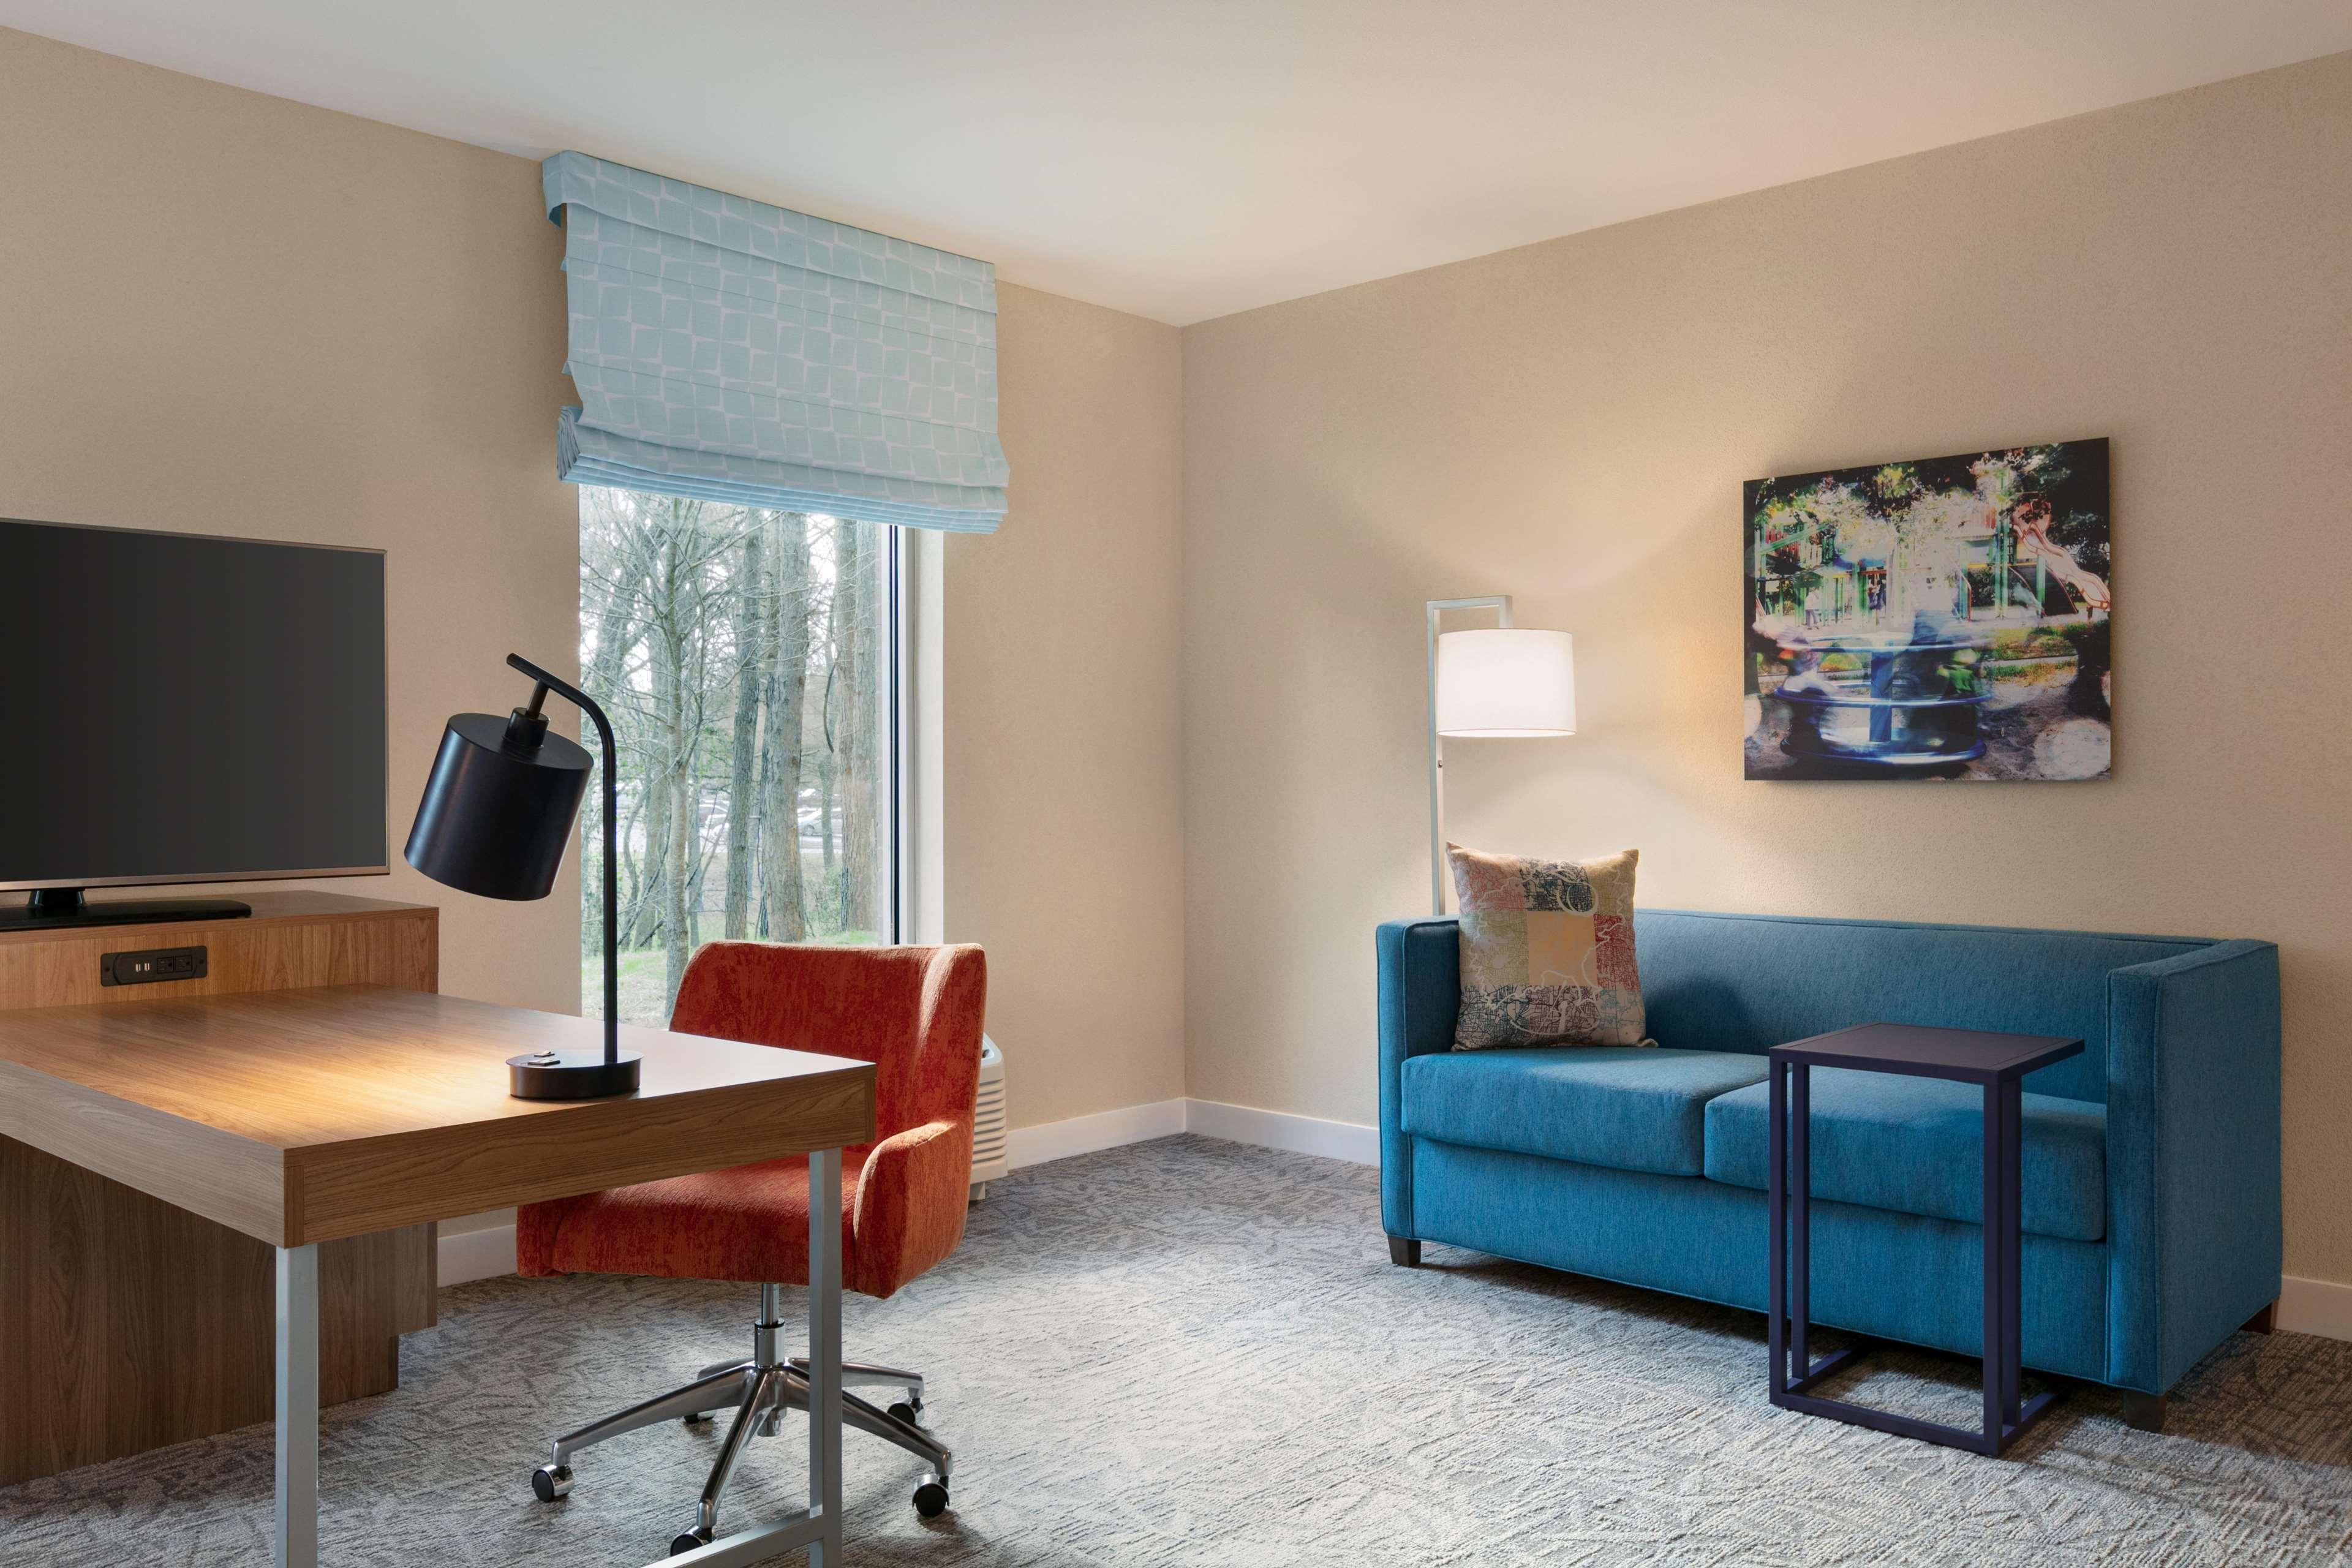 Hampton Inn and Suites Johns Creek image 28